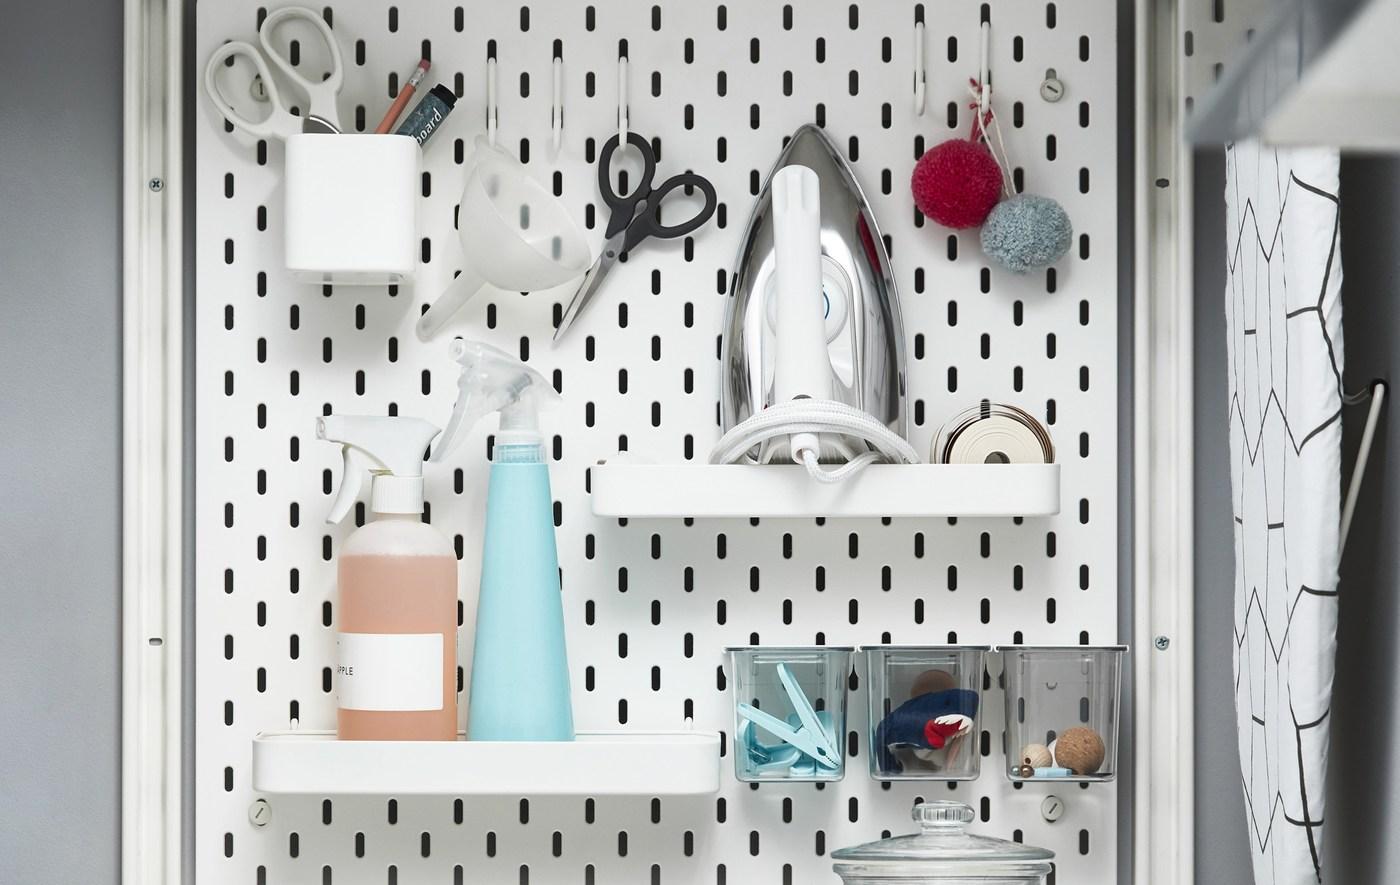 Panneau perforé SKÅDIS blanc servant de rangement aux accessoires nécessaires à l'entretien des vêtements placés sur des tablettes, dans des récipients et même suspendus à des crochets.